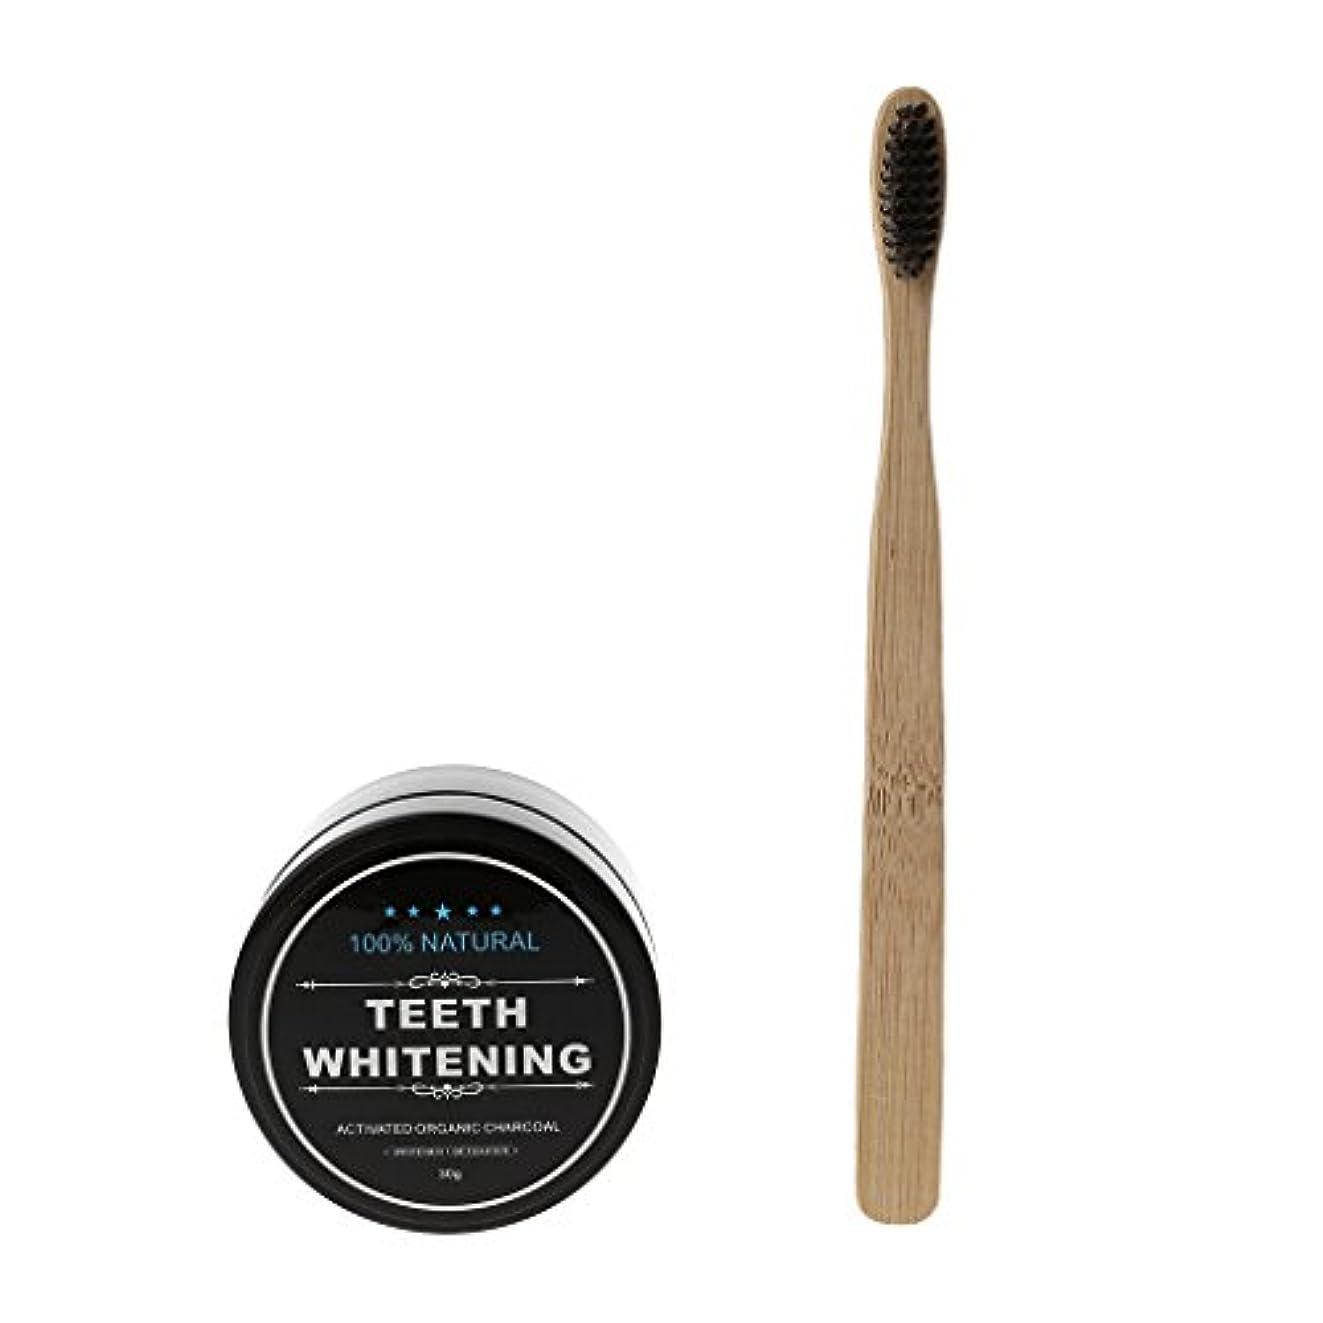 キャリッジ老人広げるJAGETRADEバンブーホワイトニング歯のパウダーオーガニックは、木炭の練り歯磨き&歯ブラシシルバーを活性化する